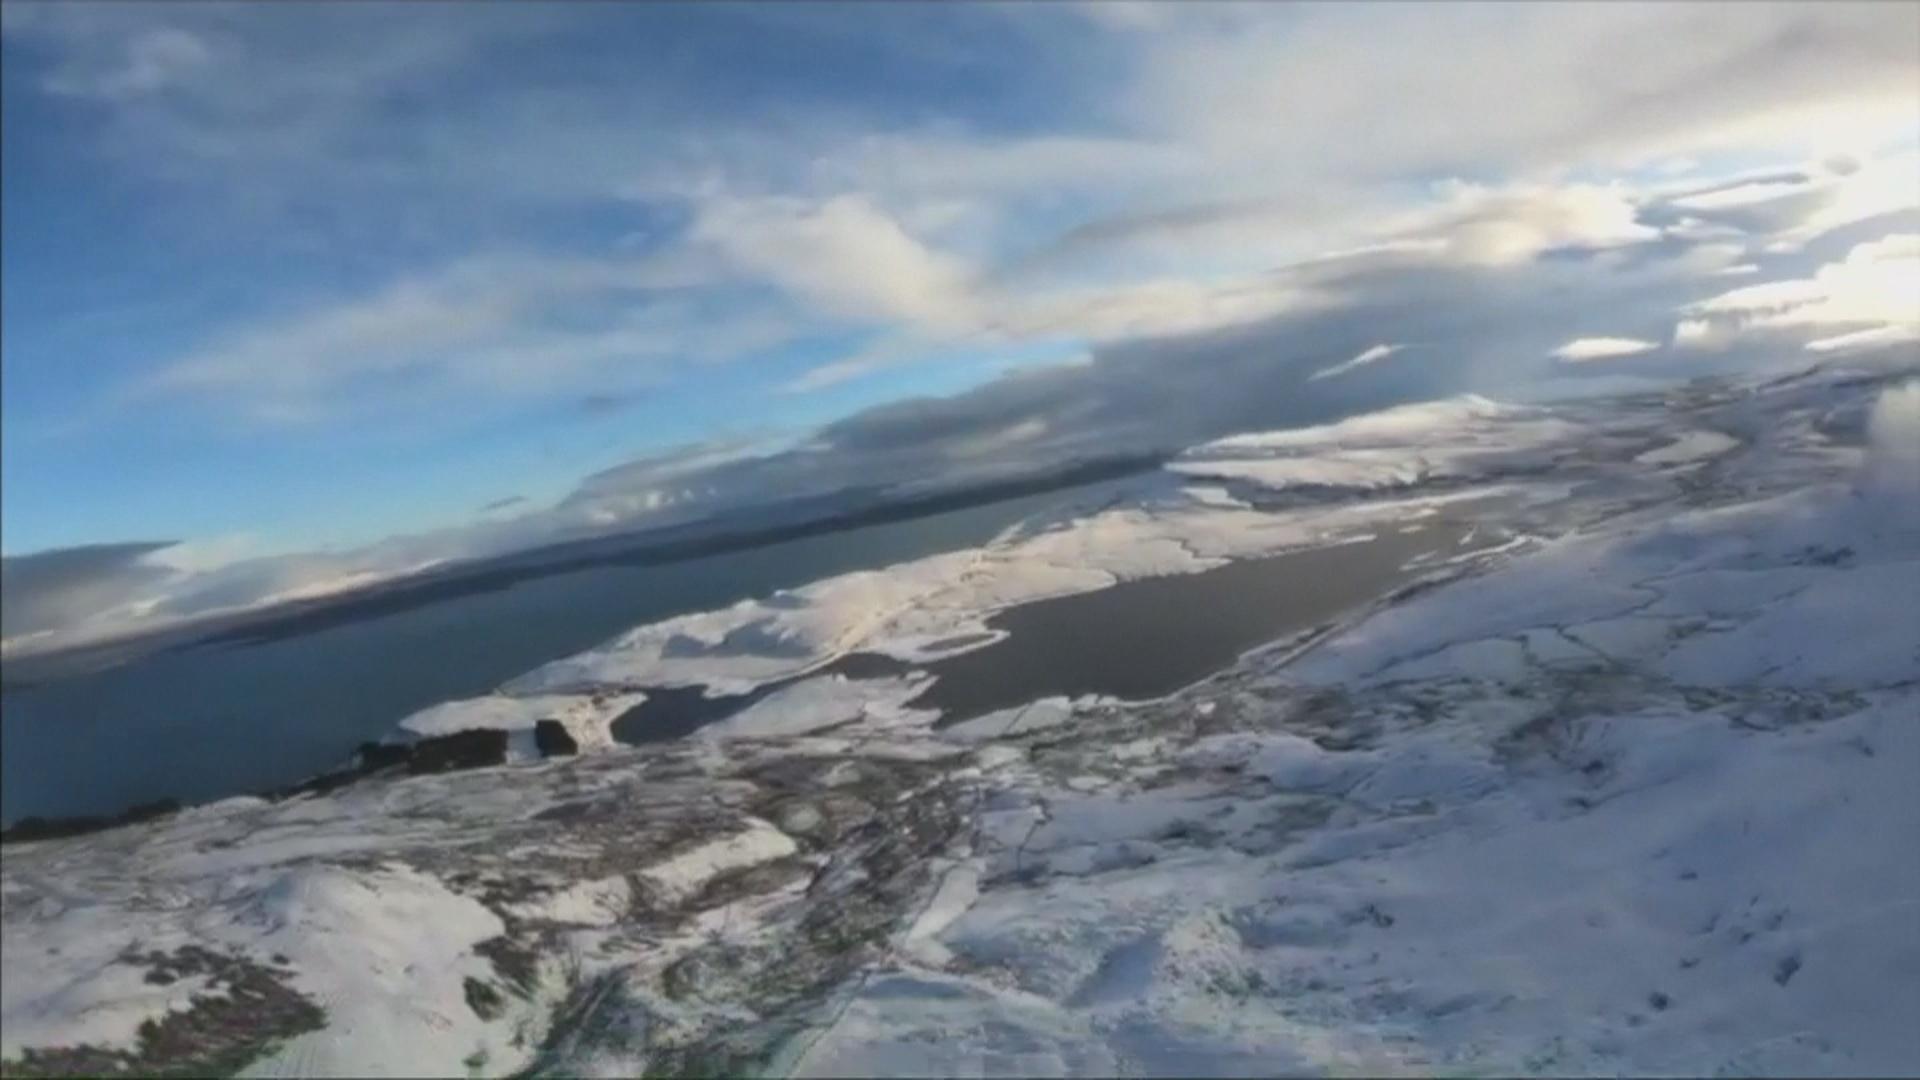 挑戰心臟!滑雪低空跳傘盡收蘇格蘭高地美景 - 新唐人亞太電視台